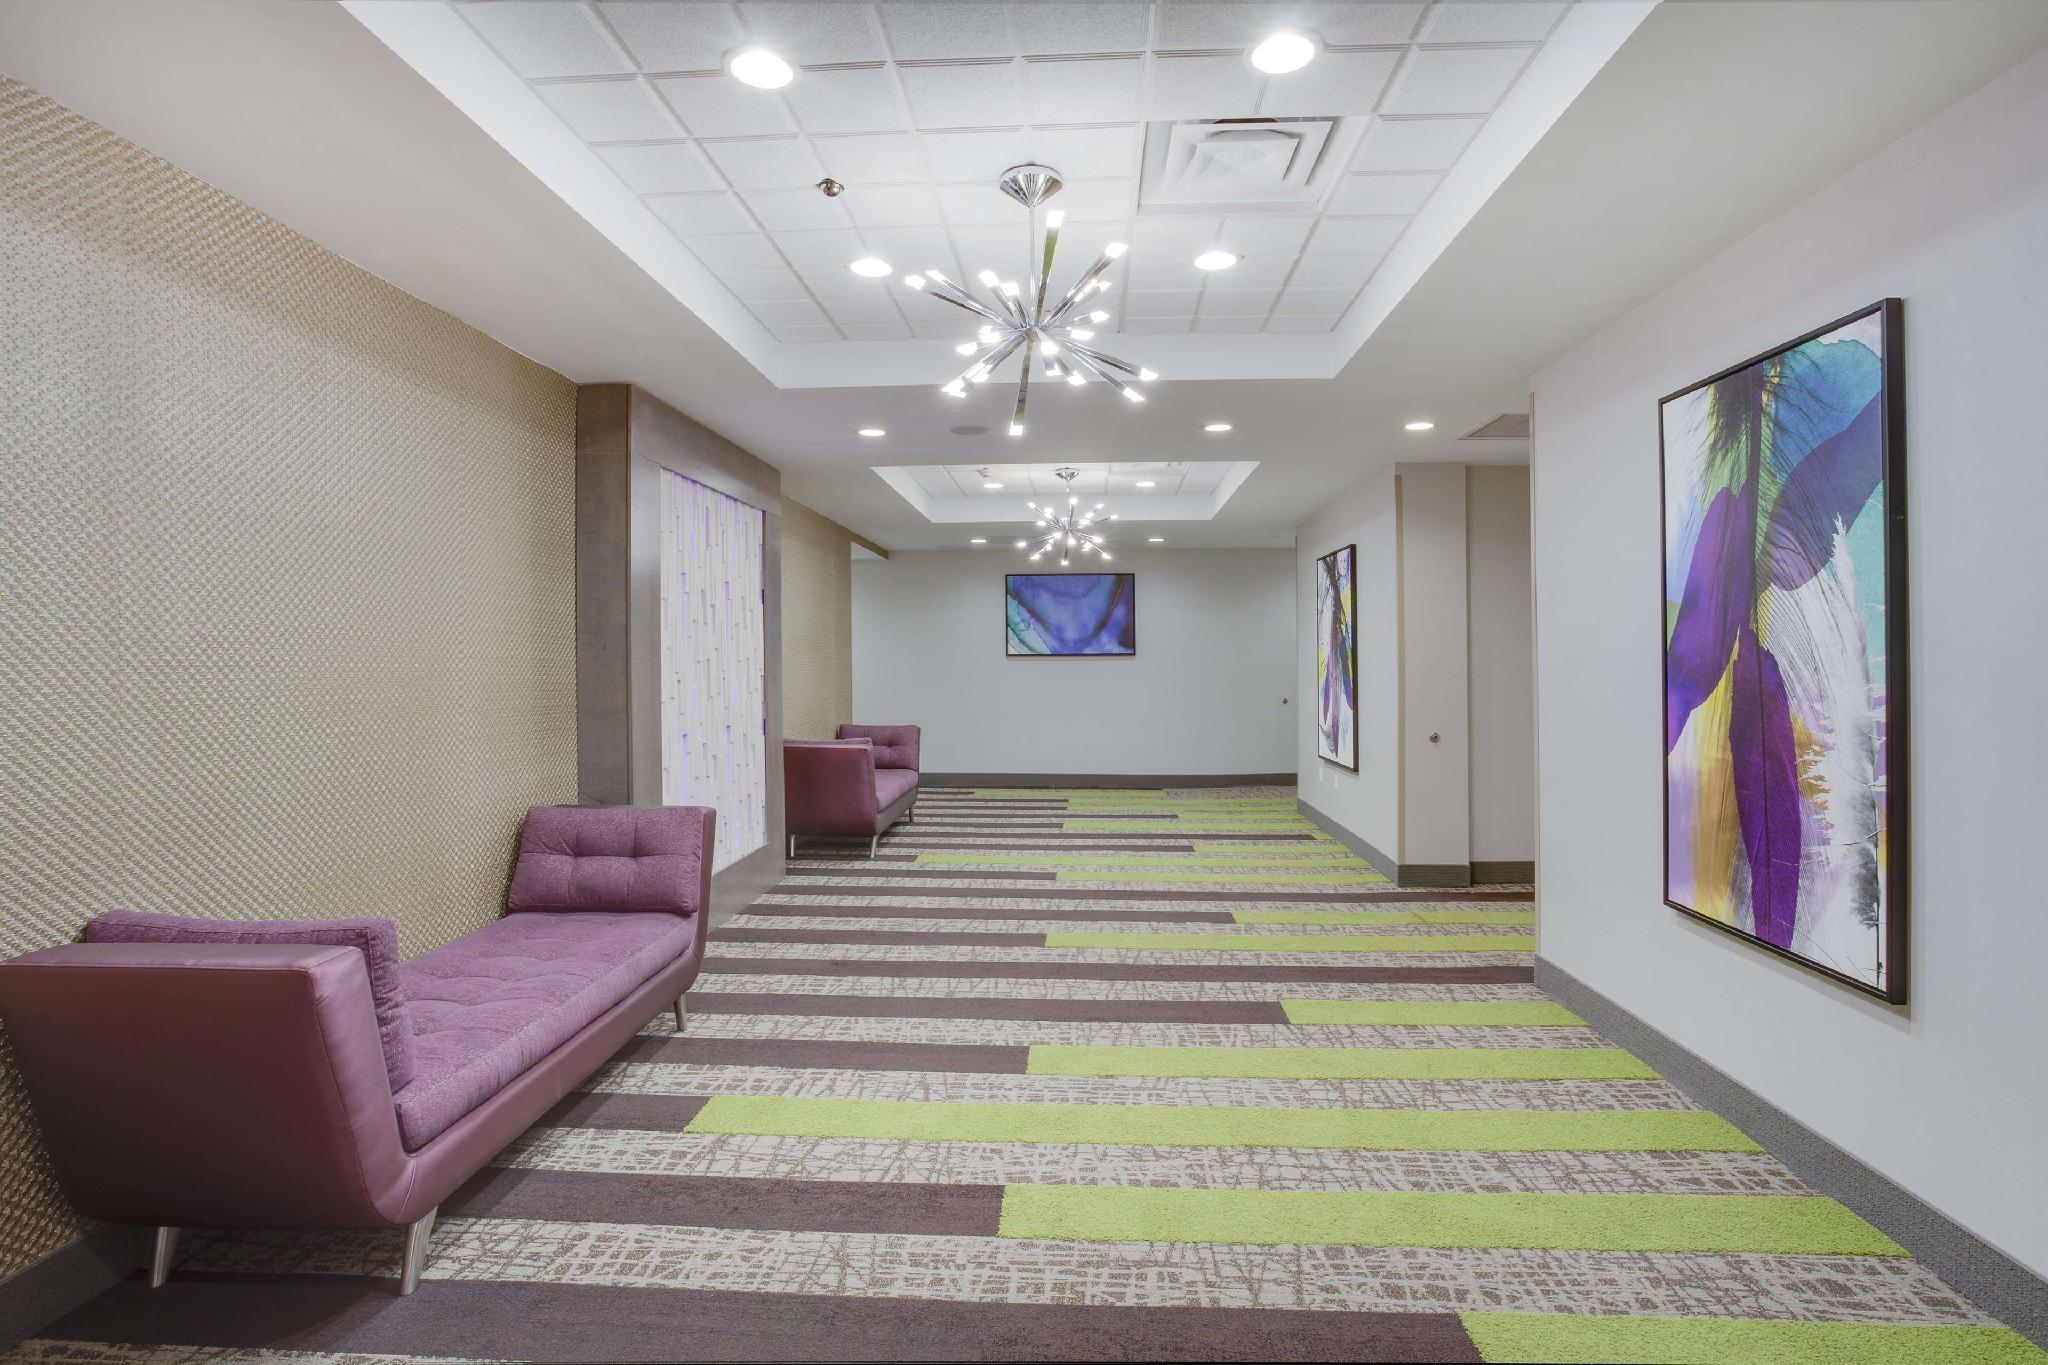 Hampton Inn And Suites Jacksonville Orange Park